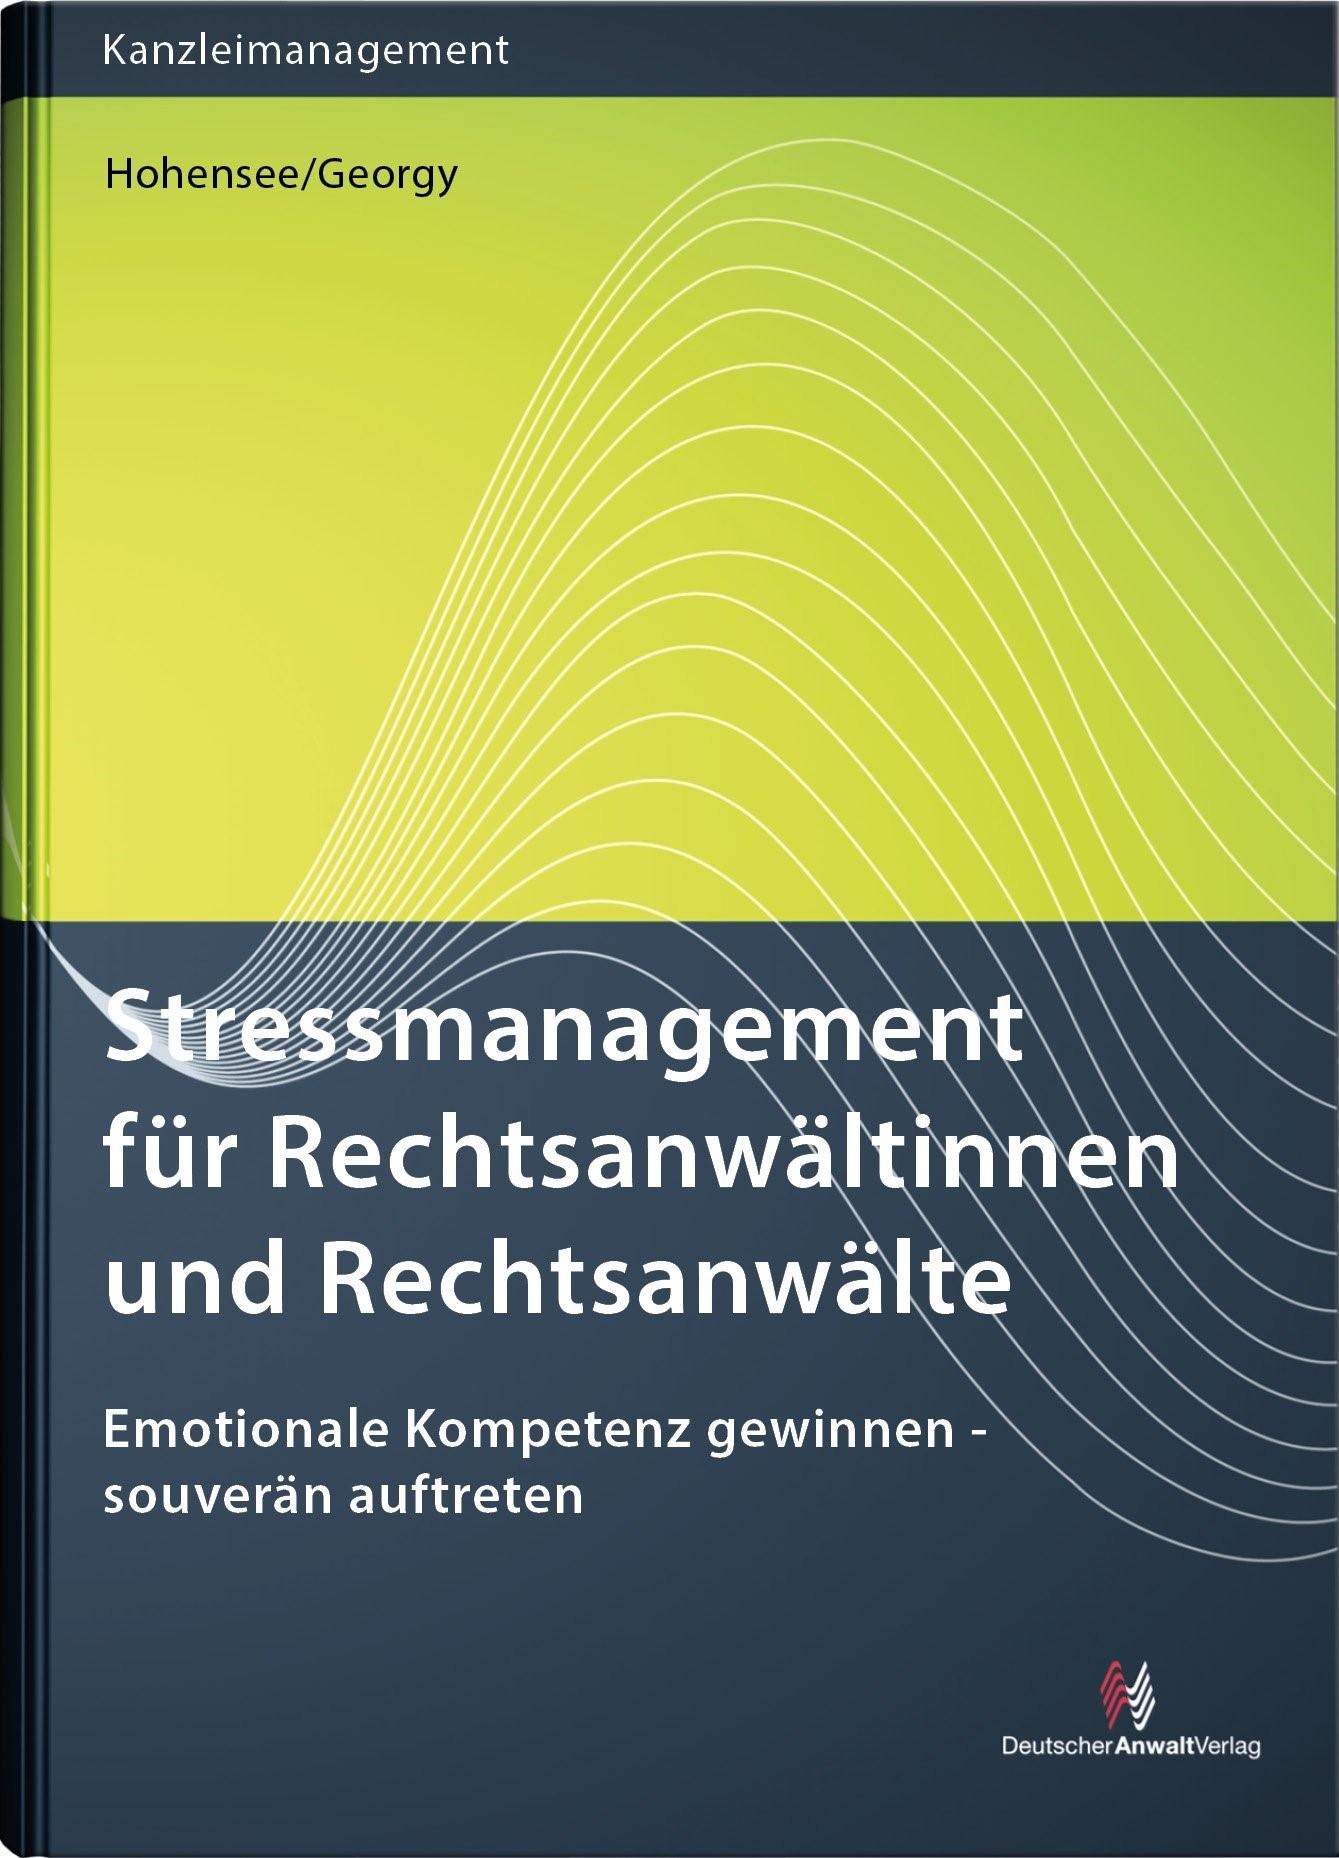 Stressmanagement für Rechtsanwältinnen und Rechtsanwälte   Hohensee / Georgy, 2019   Buch (Cover)